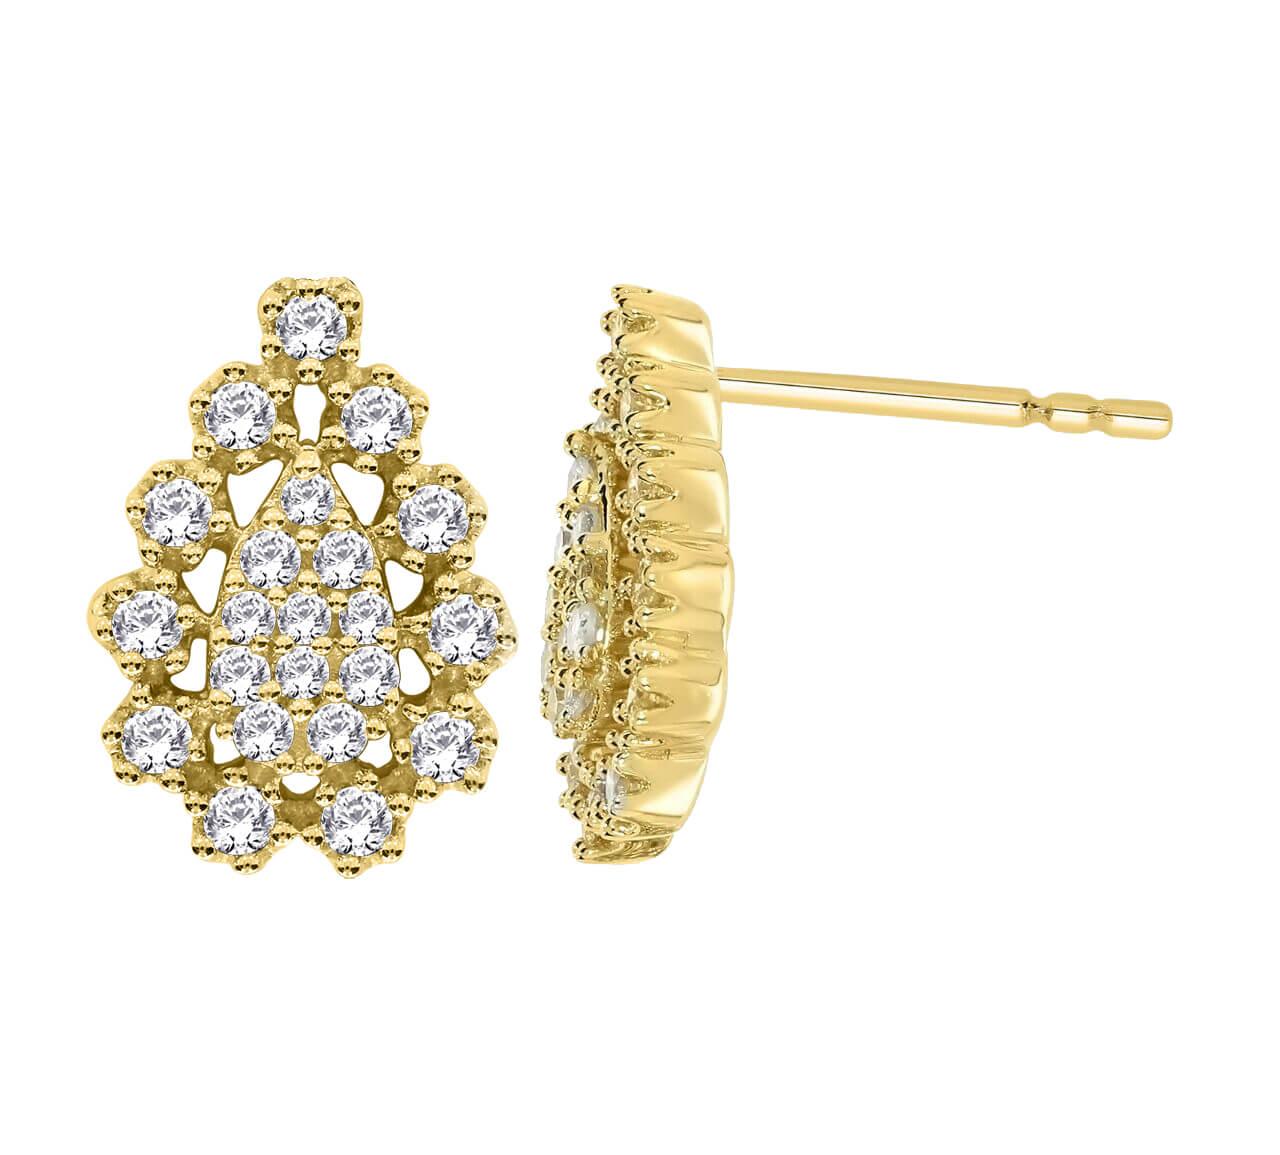 עגילי זהב צהוב 14 קראט משובצים יהלומים